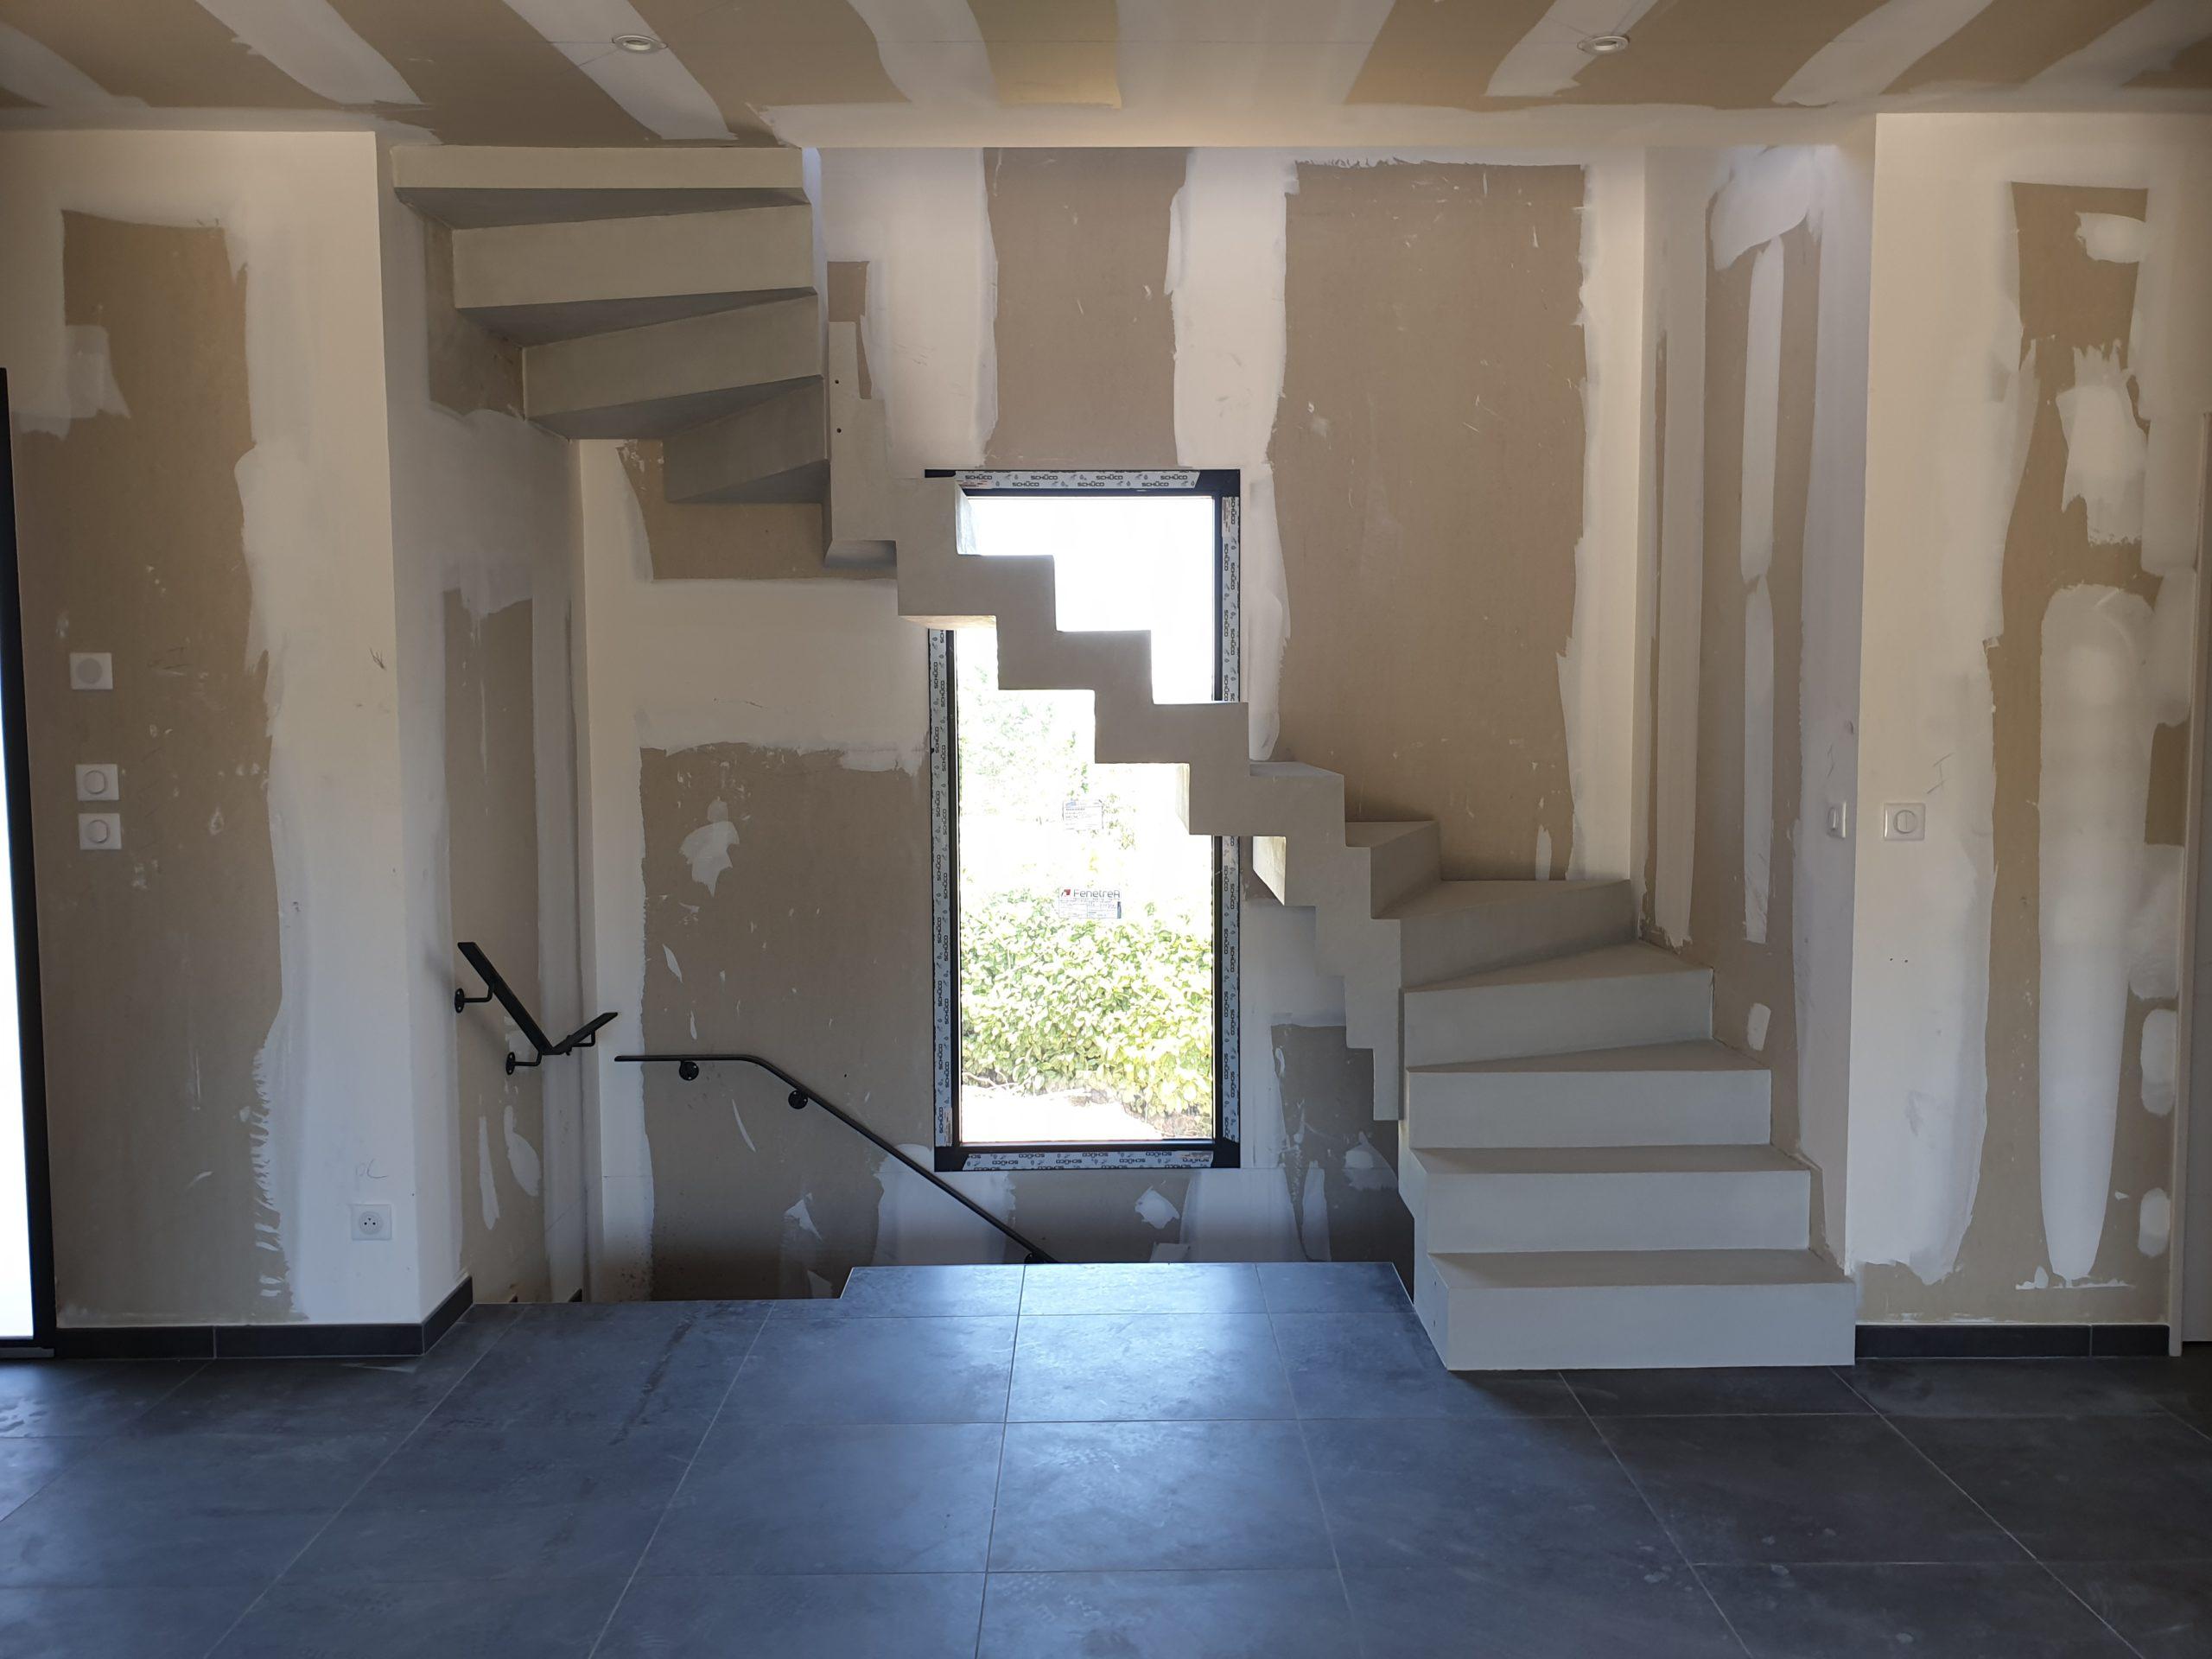 Escalier deux quart balancé en haut et en bas style contemporain